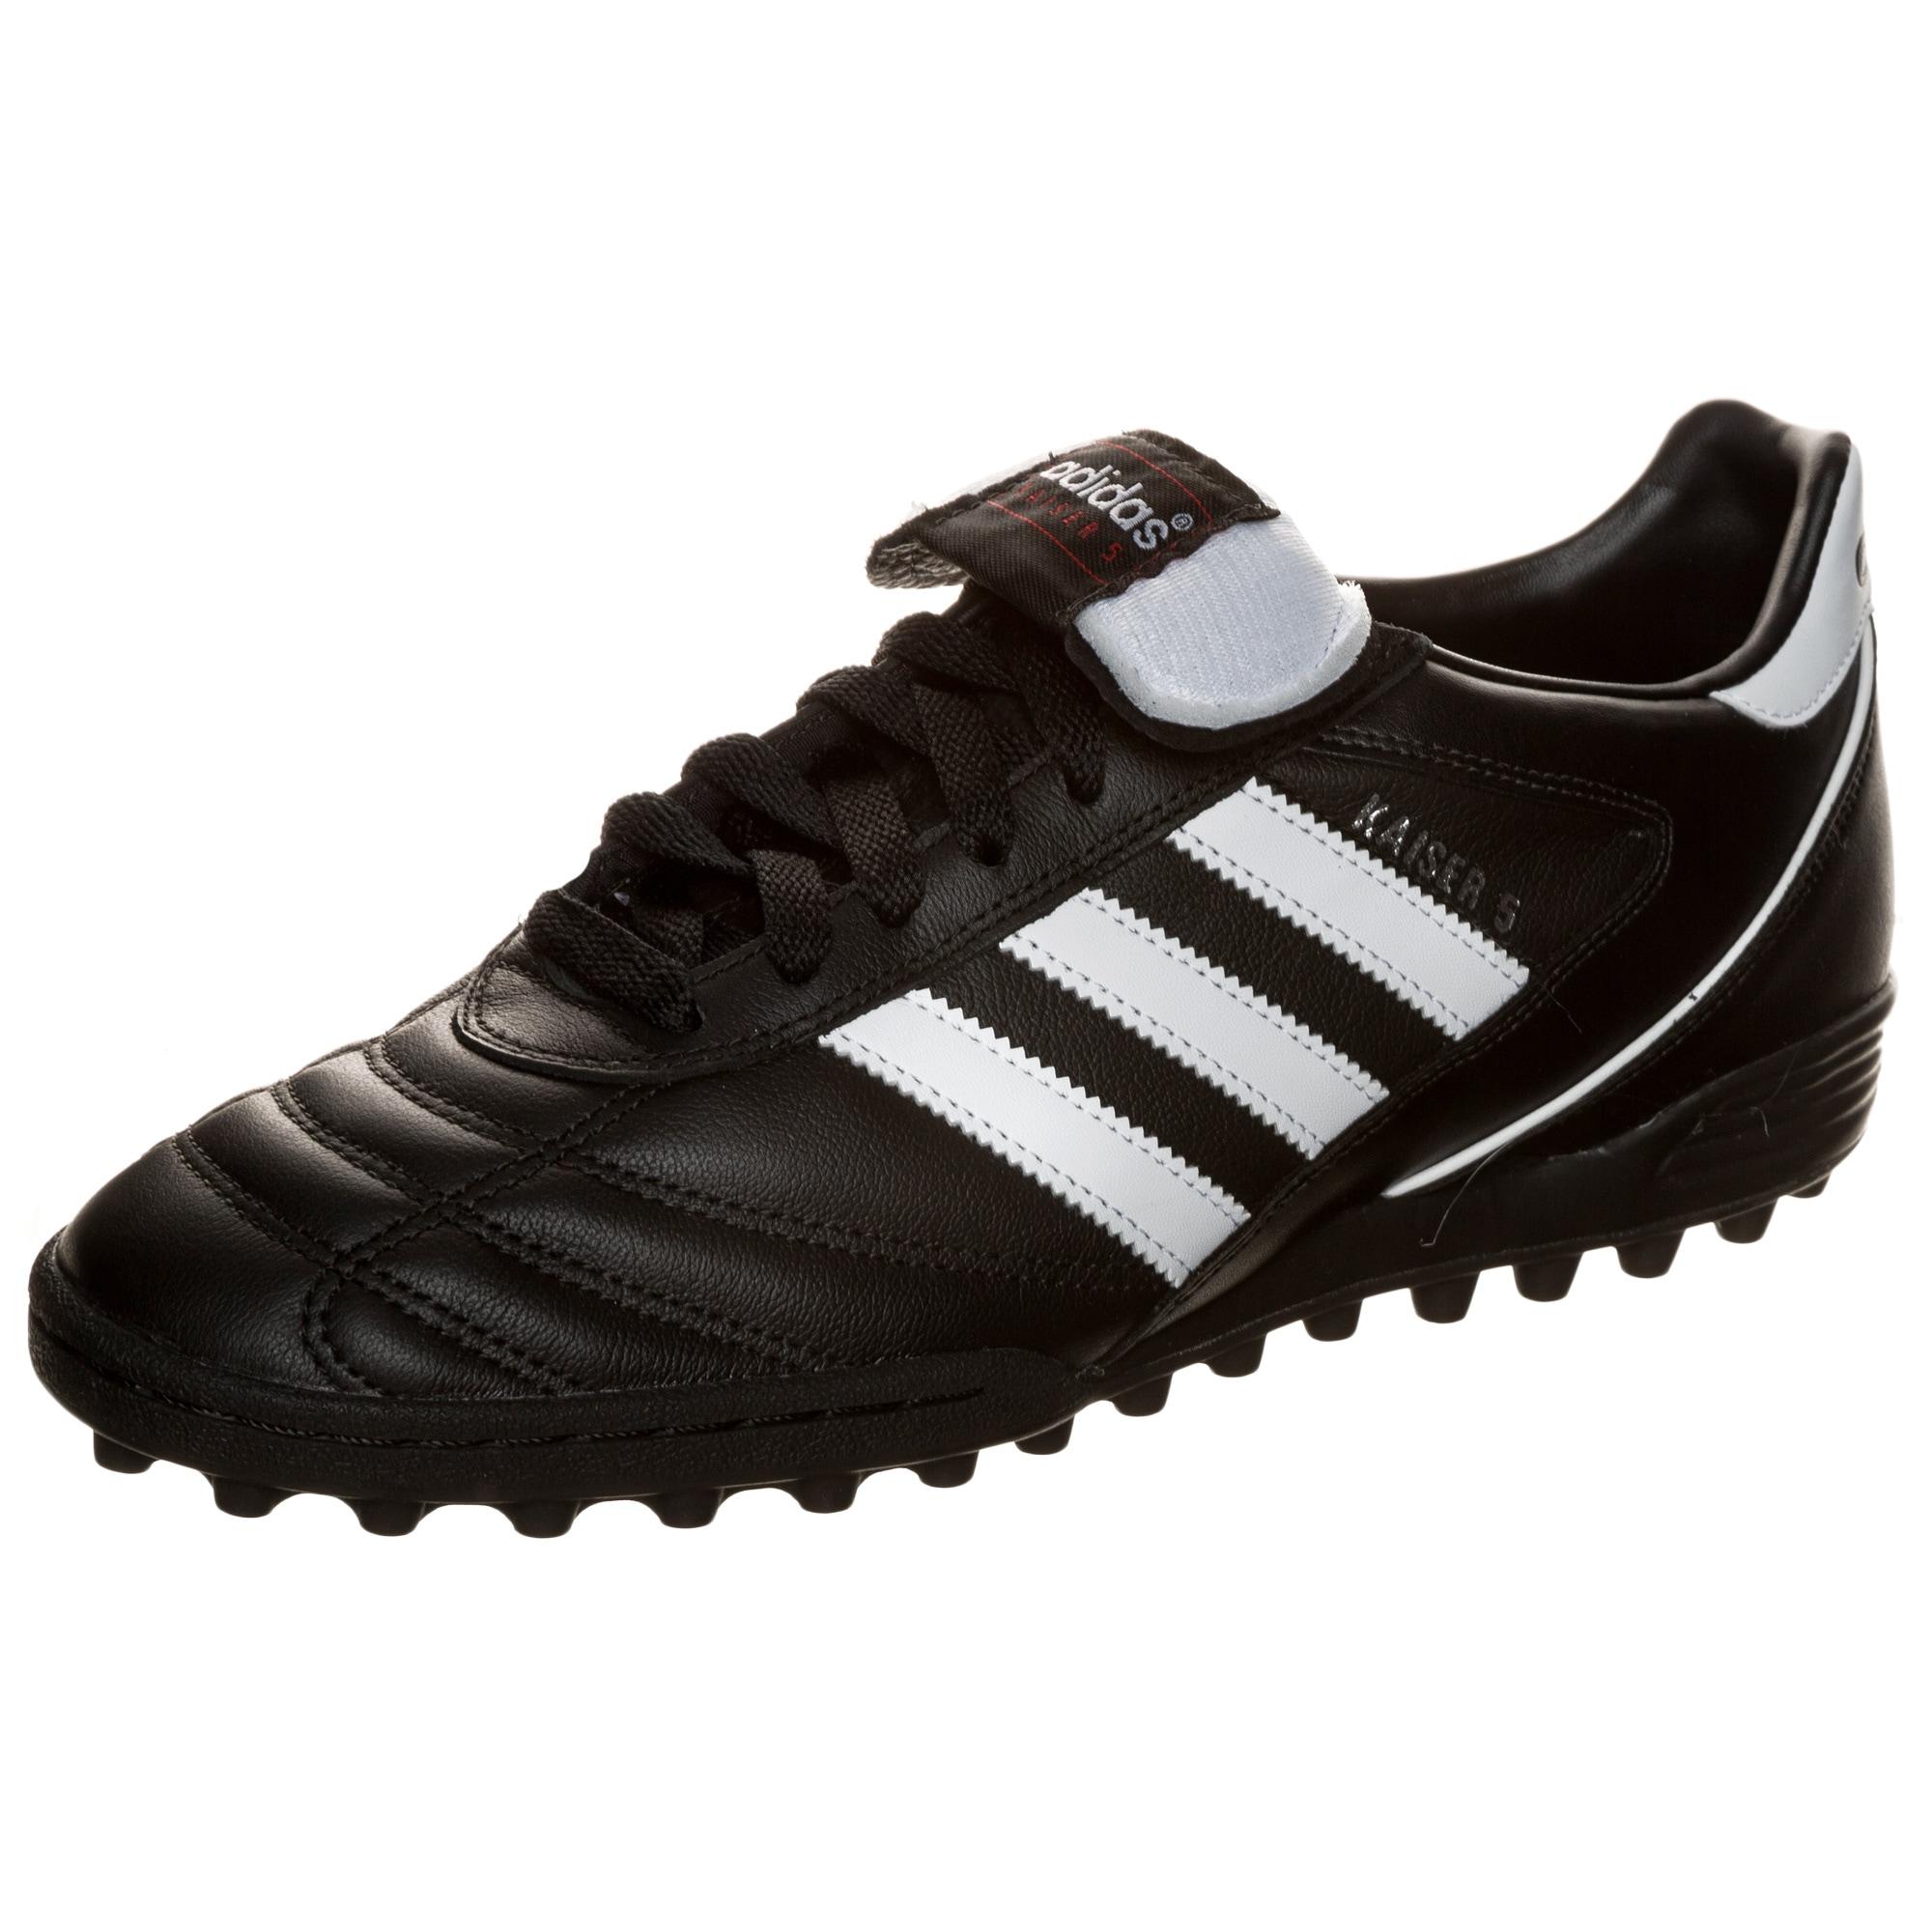 adidas Performance Fußballschuh Kaiser 5 Team | Schuhe | Adidas Performance